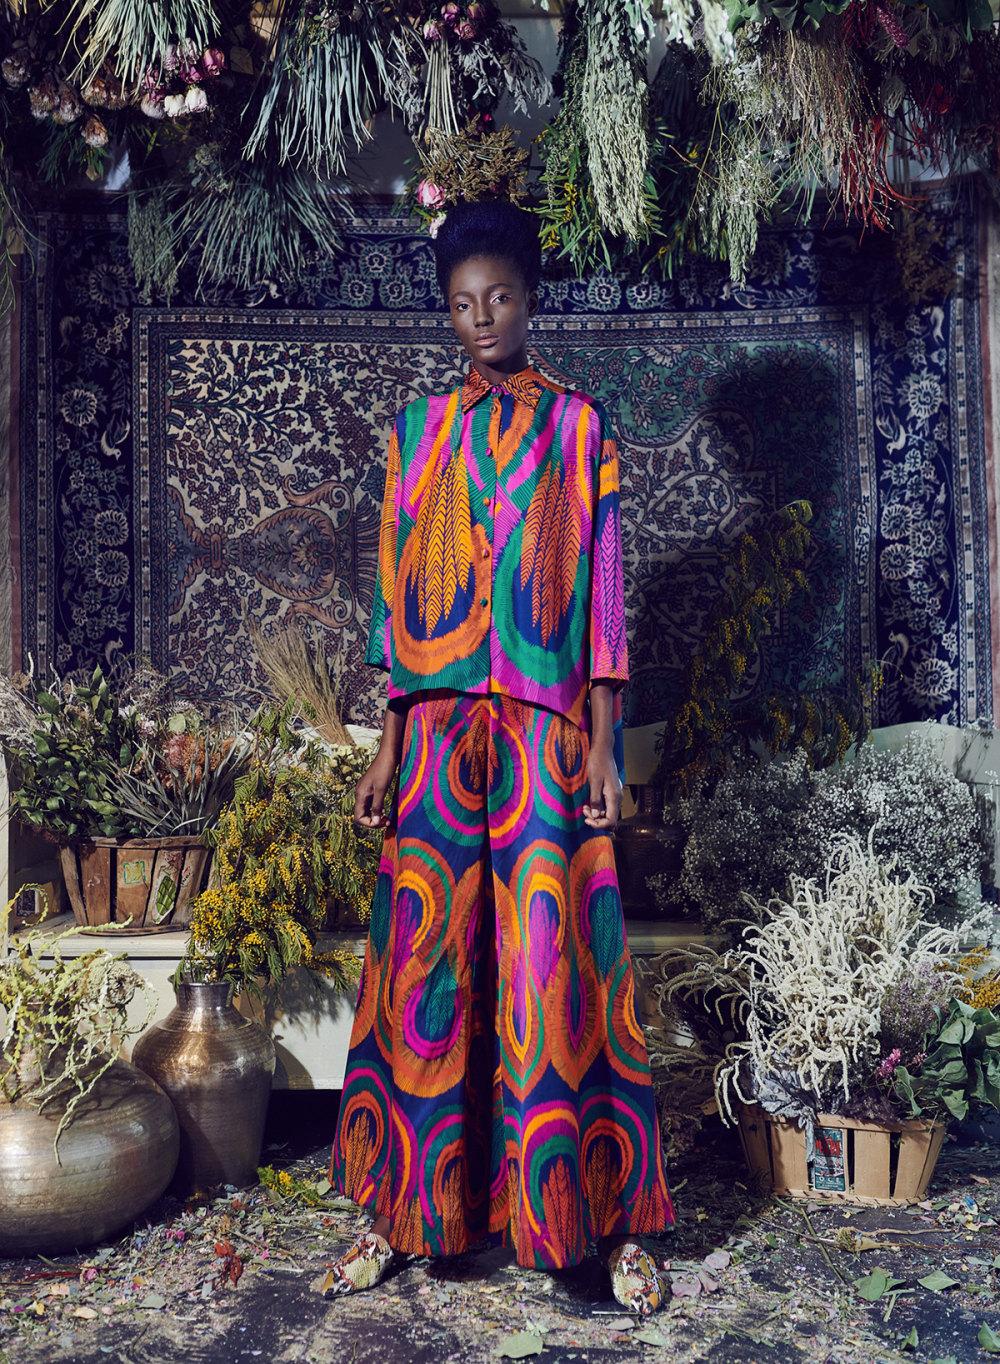 Rianna+Nina时装系列定制的夹克和金属光泽的七分裤定义未来主义-4.jpg